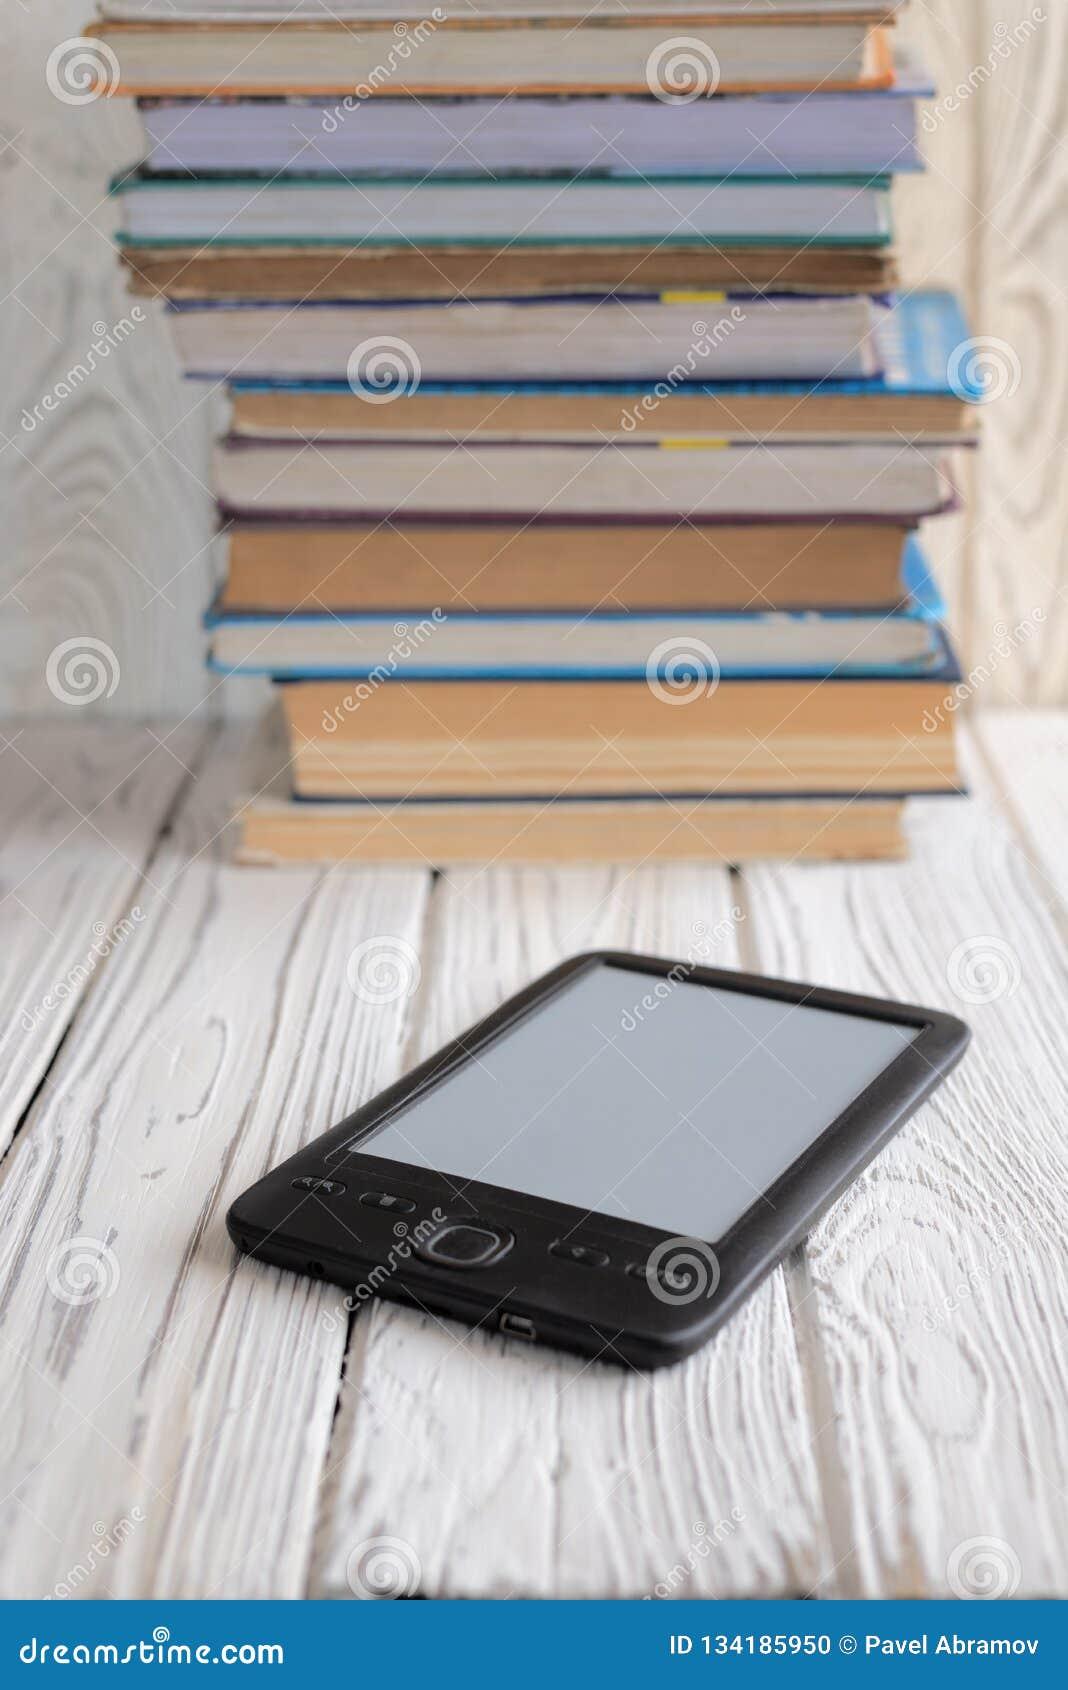 Elektronisches Buch gezeigt gegen einige regelmäßige Lehrbücher